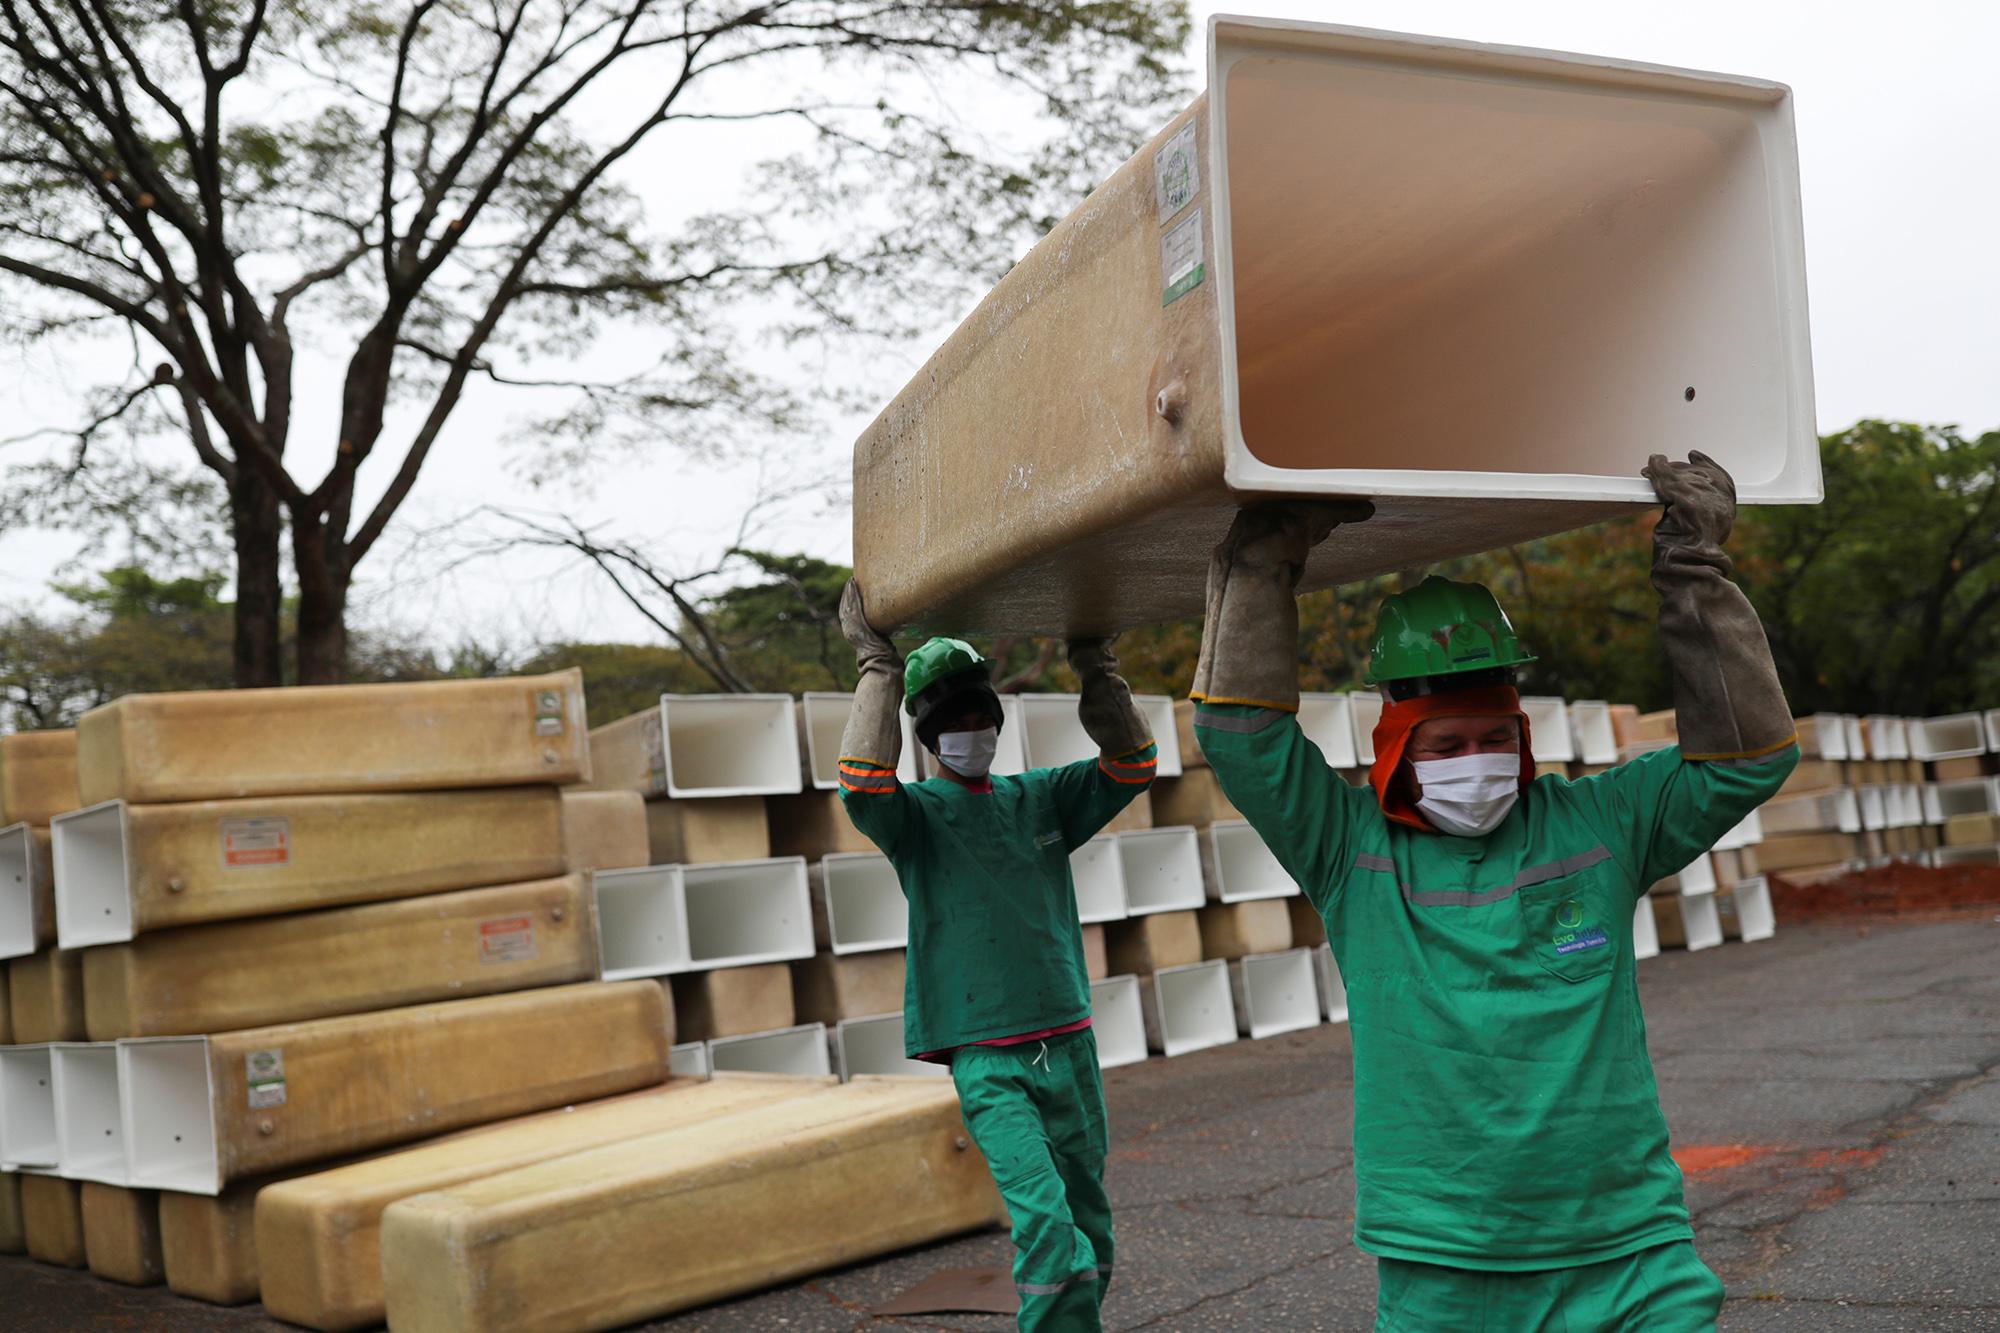 Мужчины несут коробки длягробов накладбище вСан-Паулу.